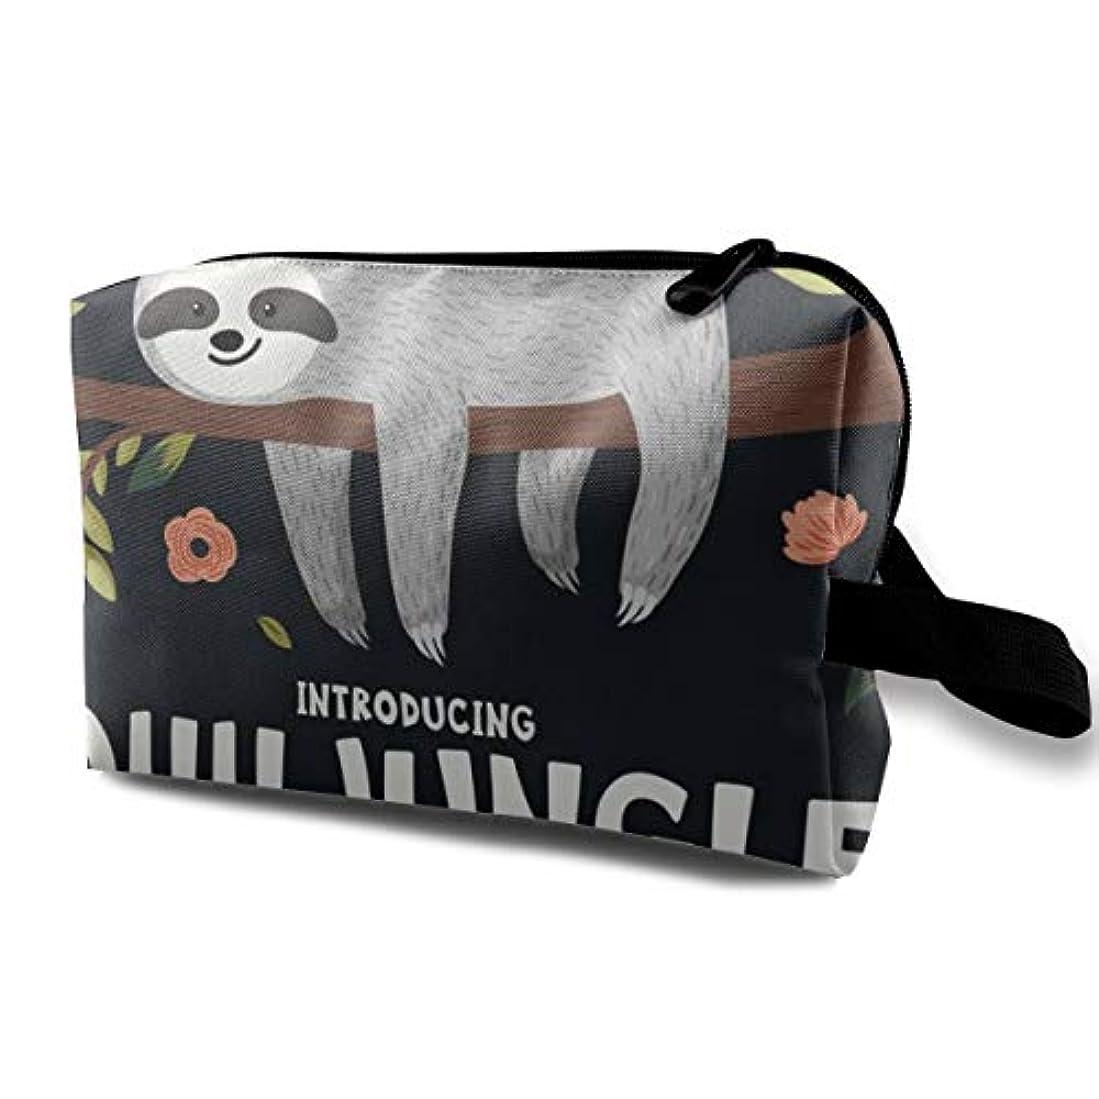 より平らな健康蒸Cute Baby Sloth On The Tree 収納ポーチ 化粧ポーチ 大容量 軽量 耐久性 ハンドル付持ち運び便利。入れ 自宅?出張?旅行?アウトドア撮影などに対応。メンズ レディース トラベルグッズ